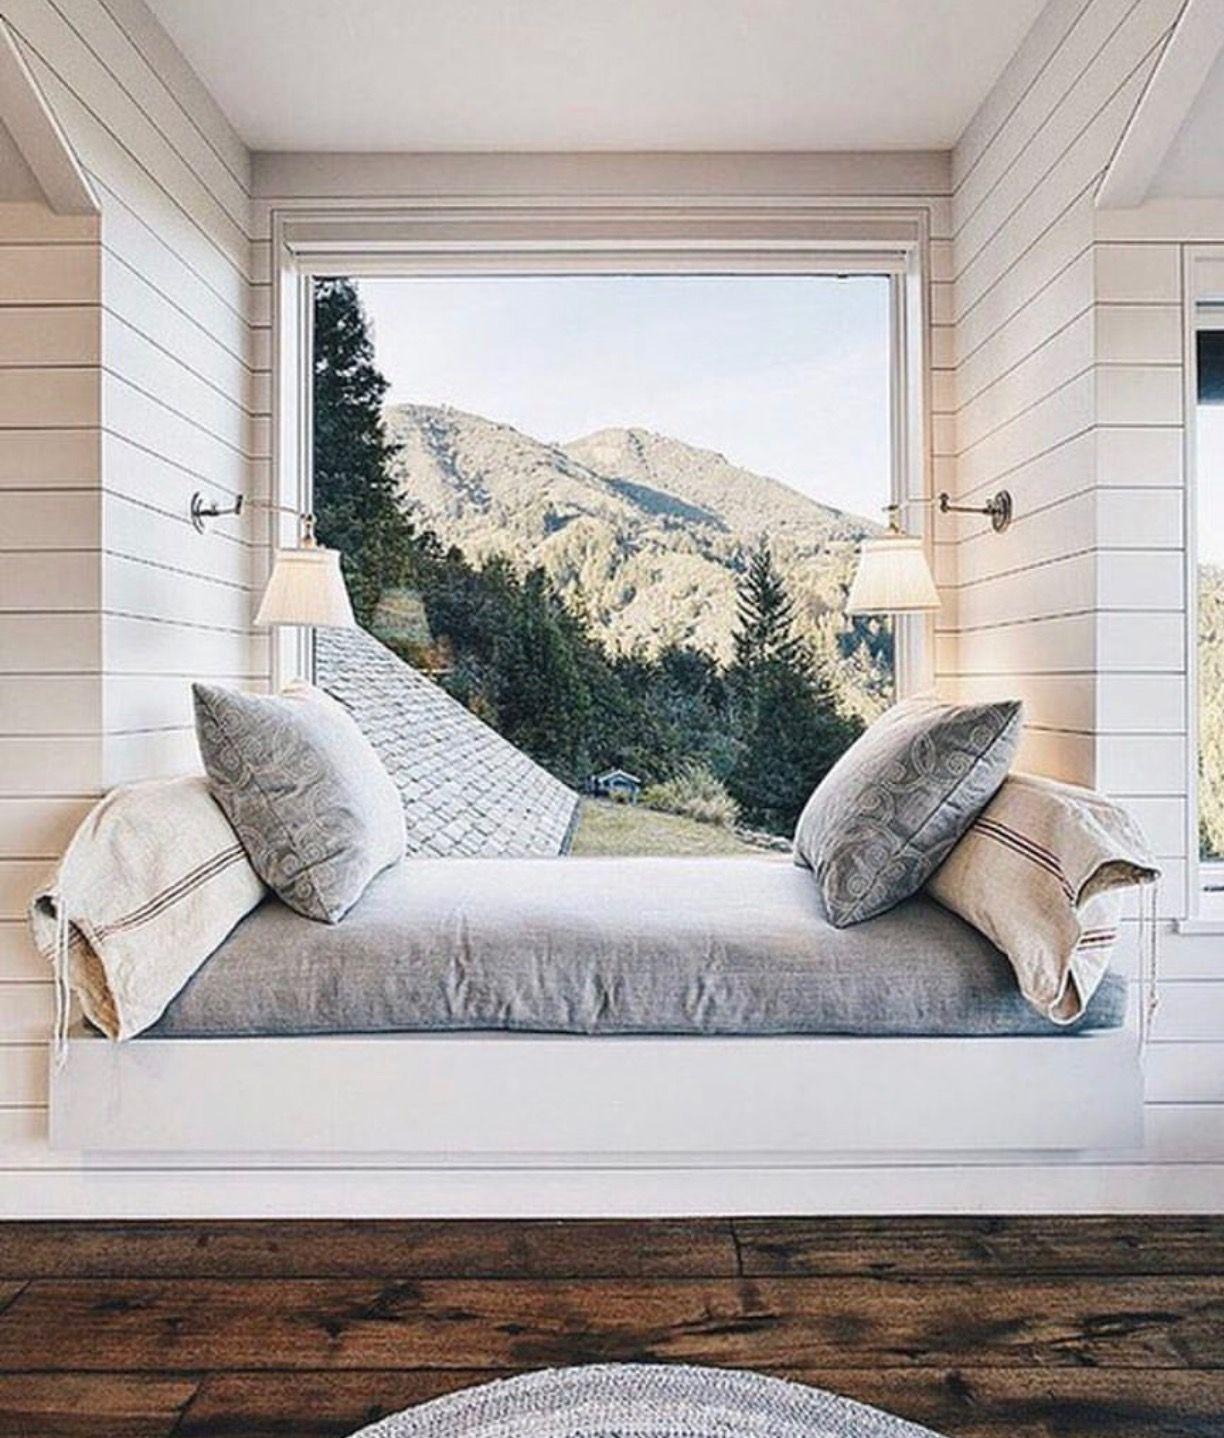 Pin von Mandi Manetta auf Home Decor | Pinterest | Einrichtung ...